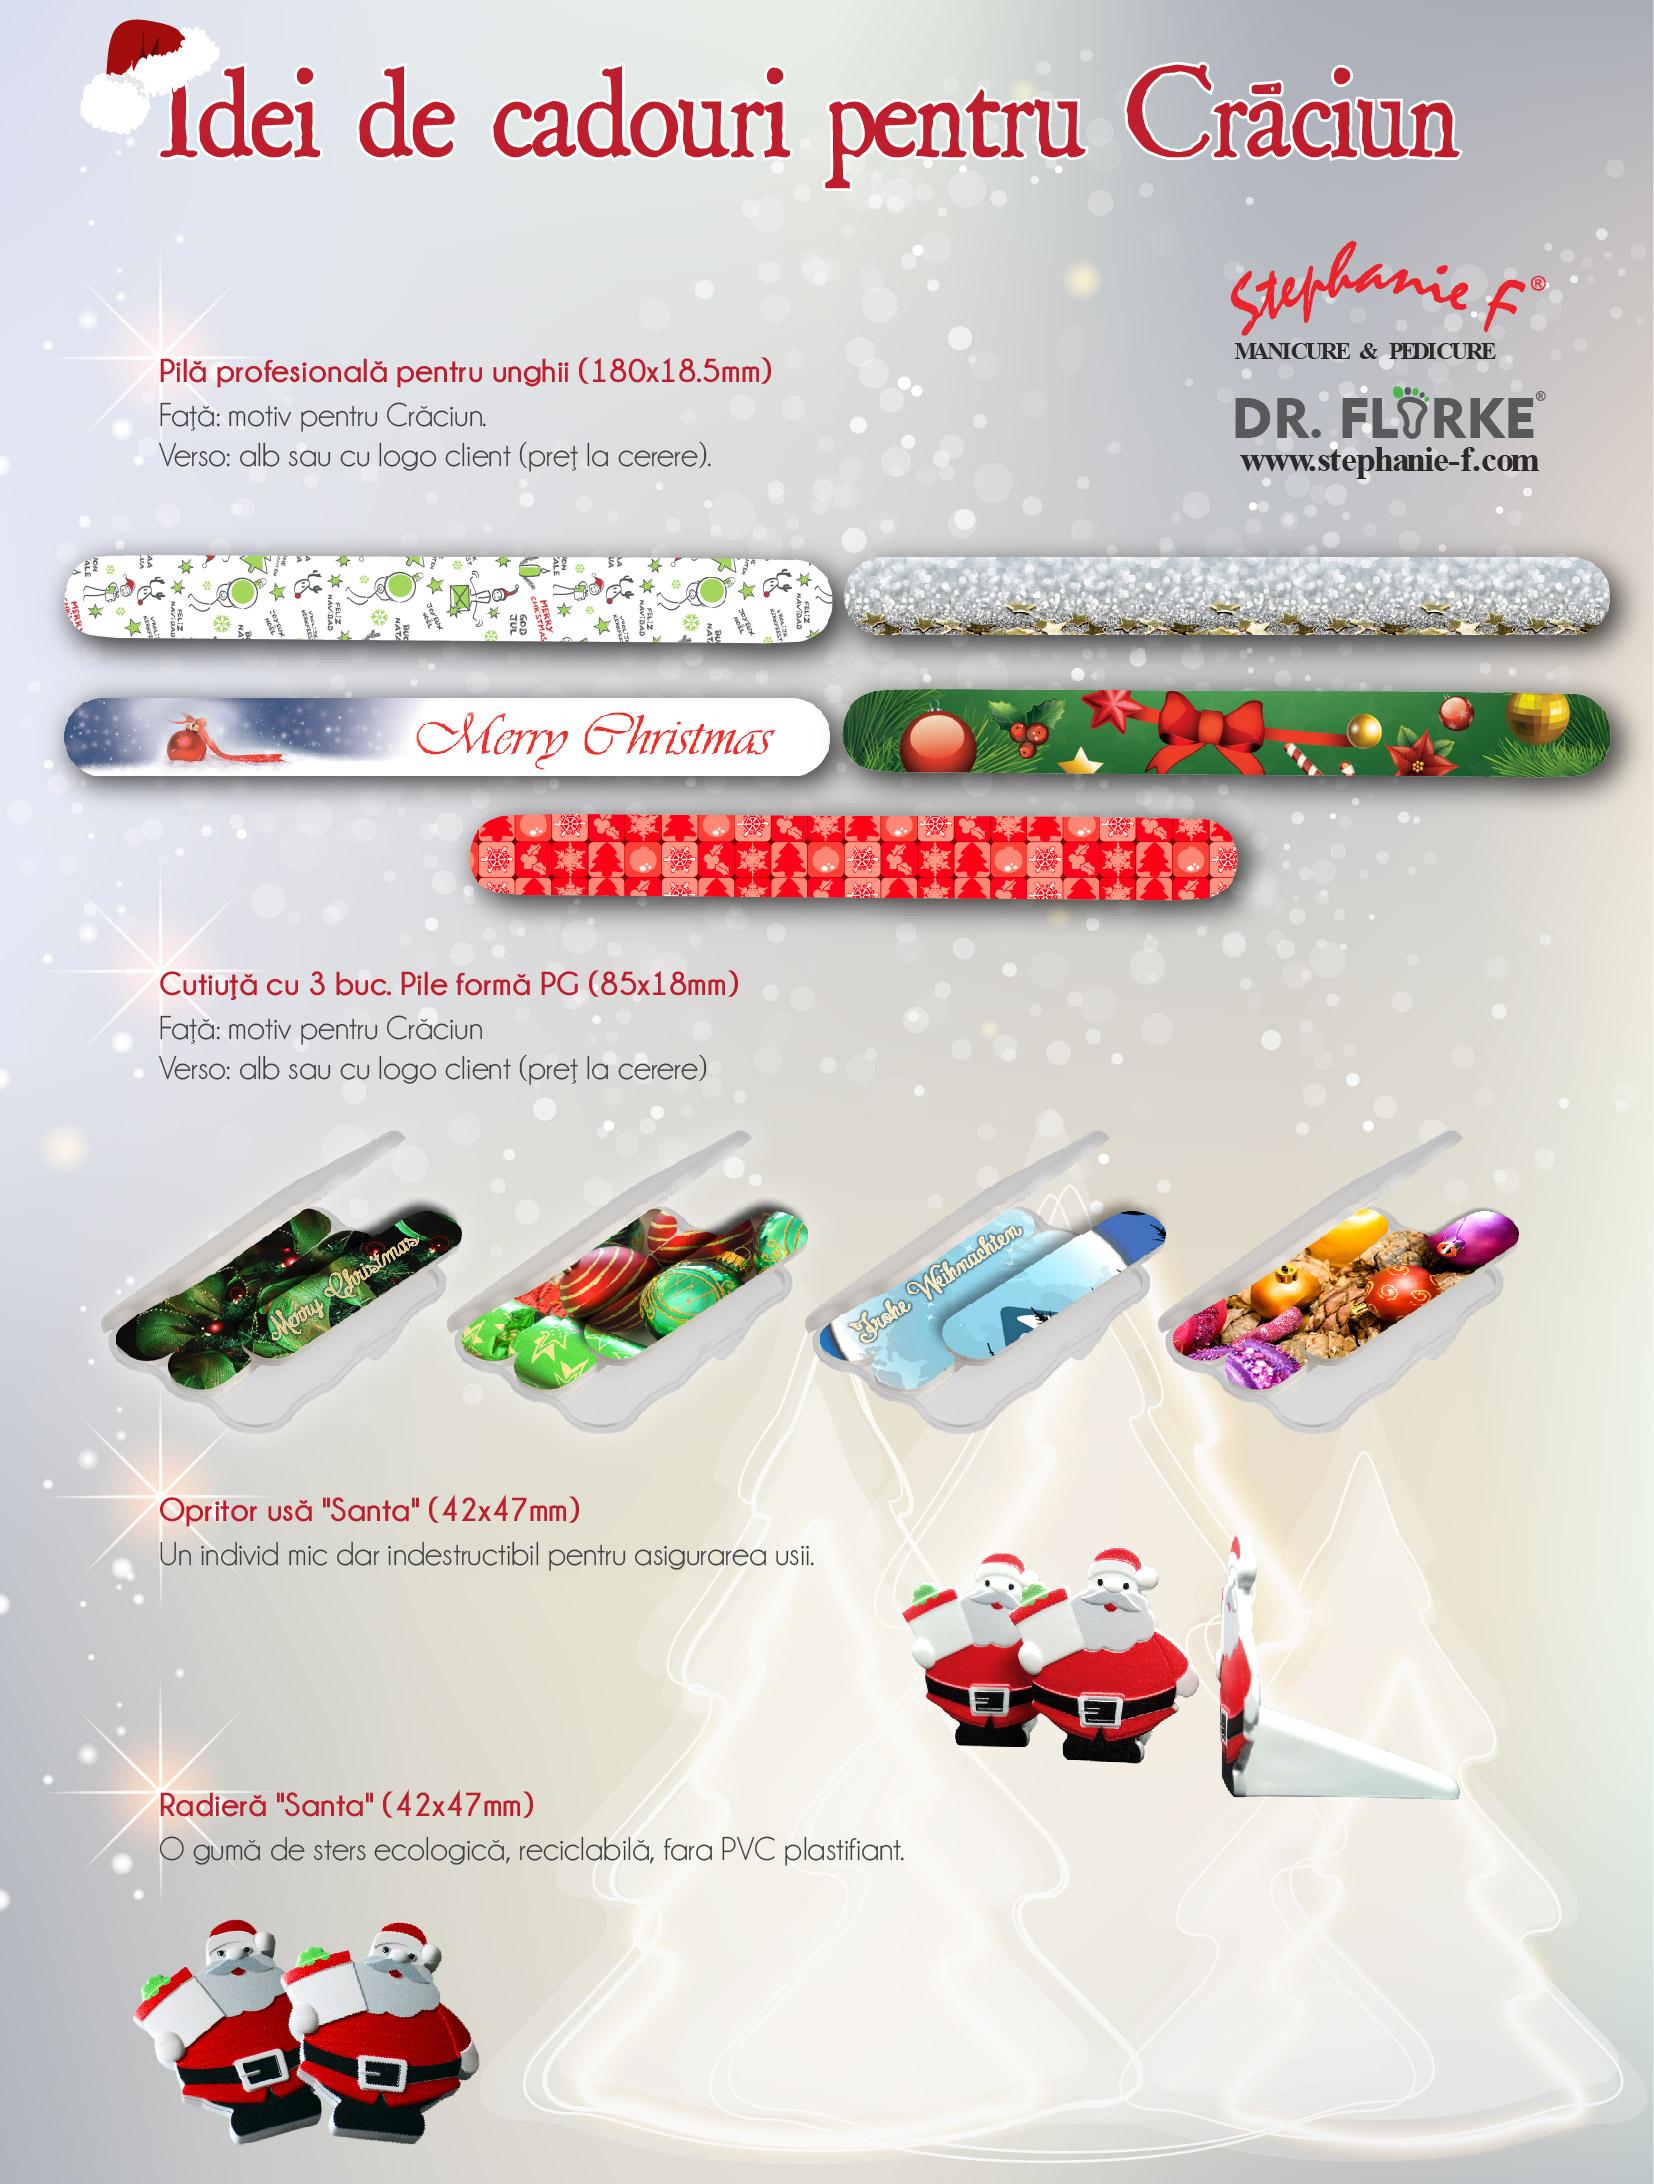 ad Weihnachtsflyer_2014_Facebook